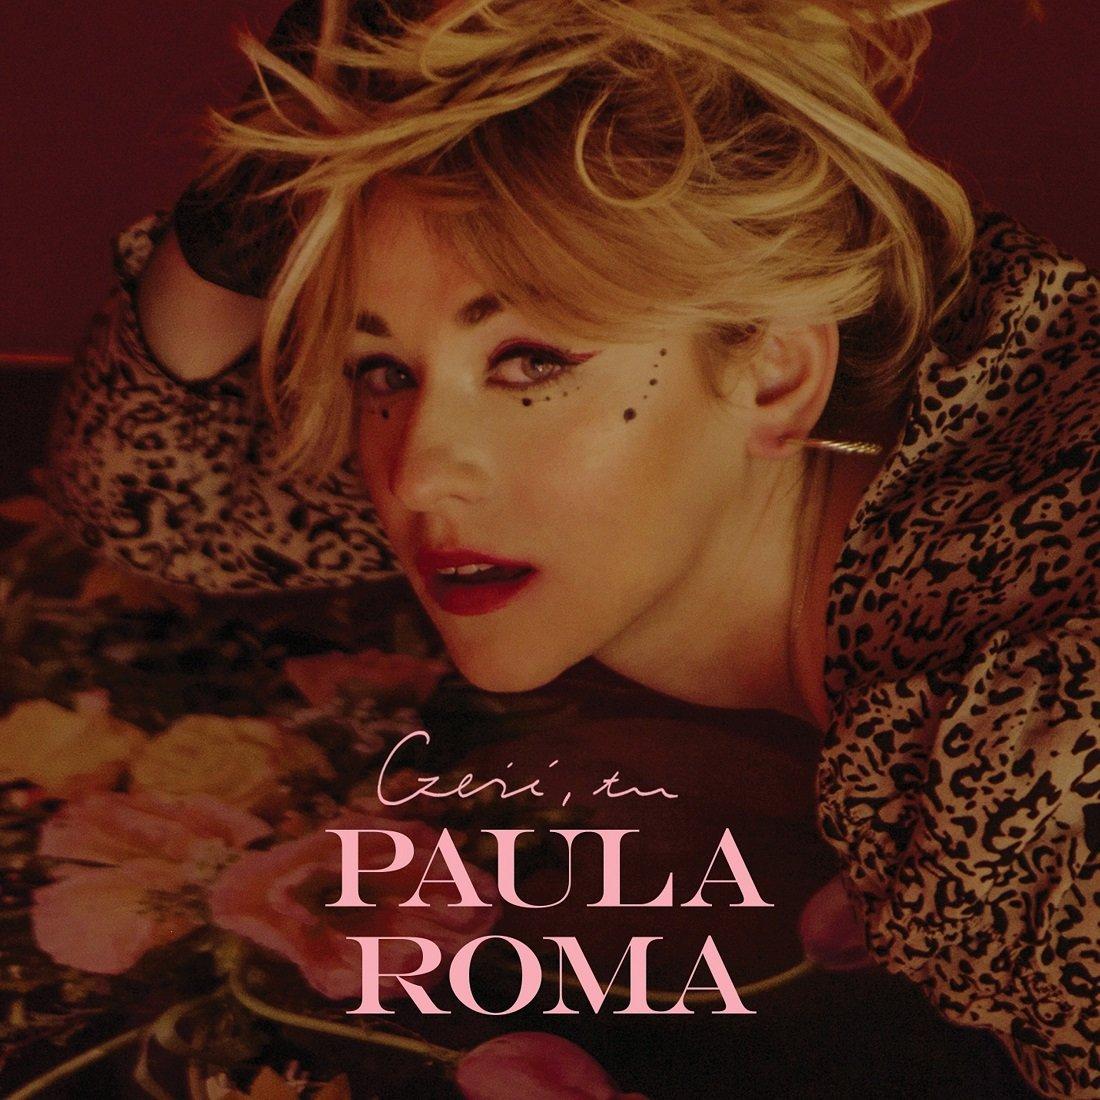 Paula Roma: Cześć, tu Paula Roma